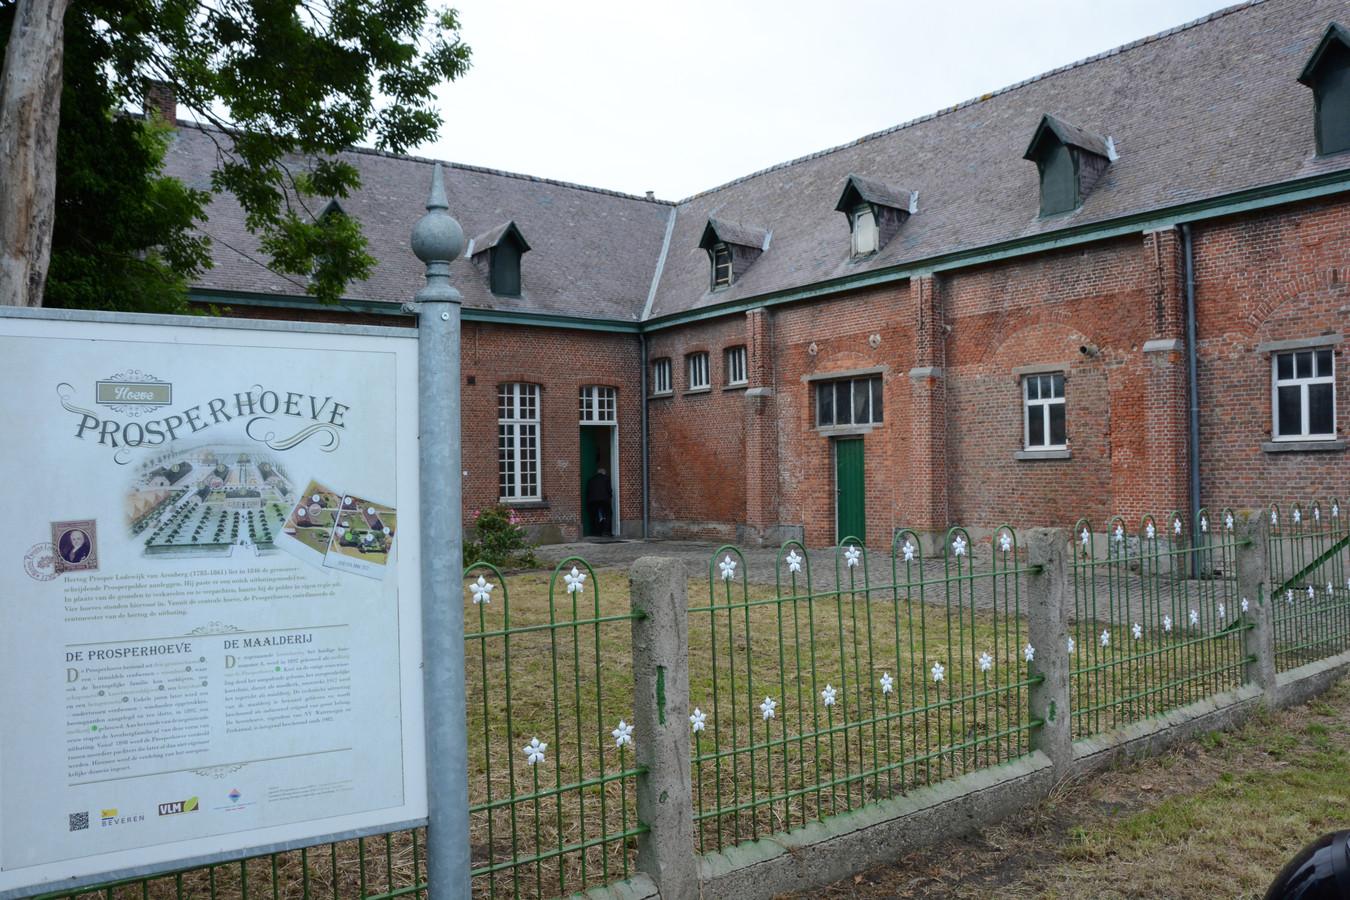 De gerestaureerde Prosperhoeve kreeg een nieuw leven als belevingscentrum rond de geschiedenis van de polder.